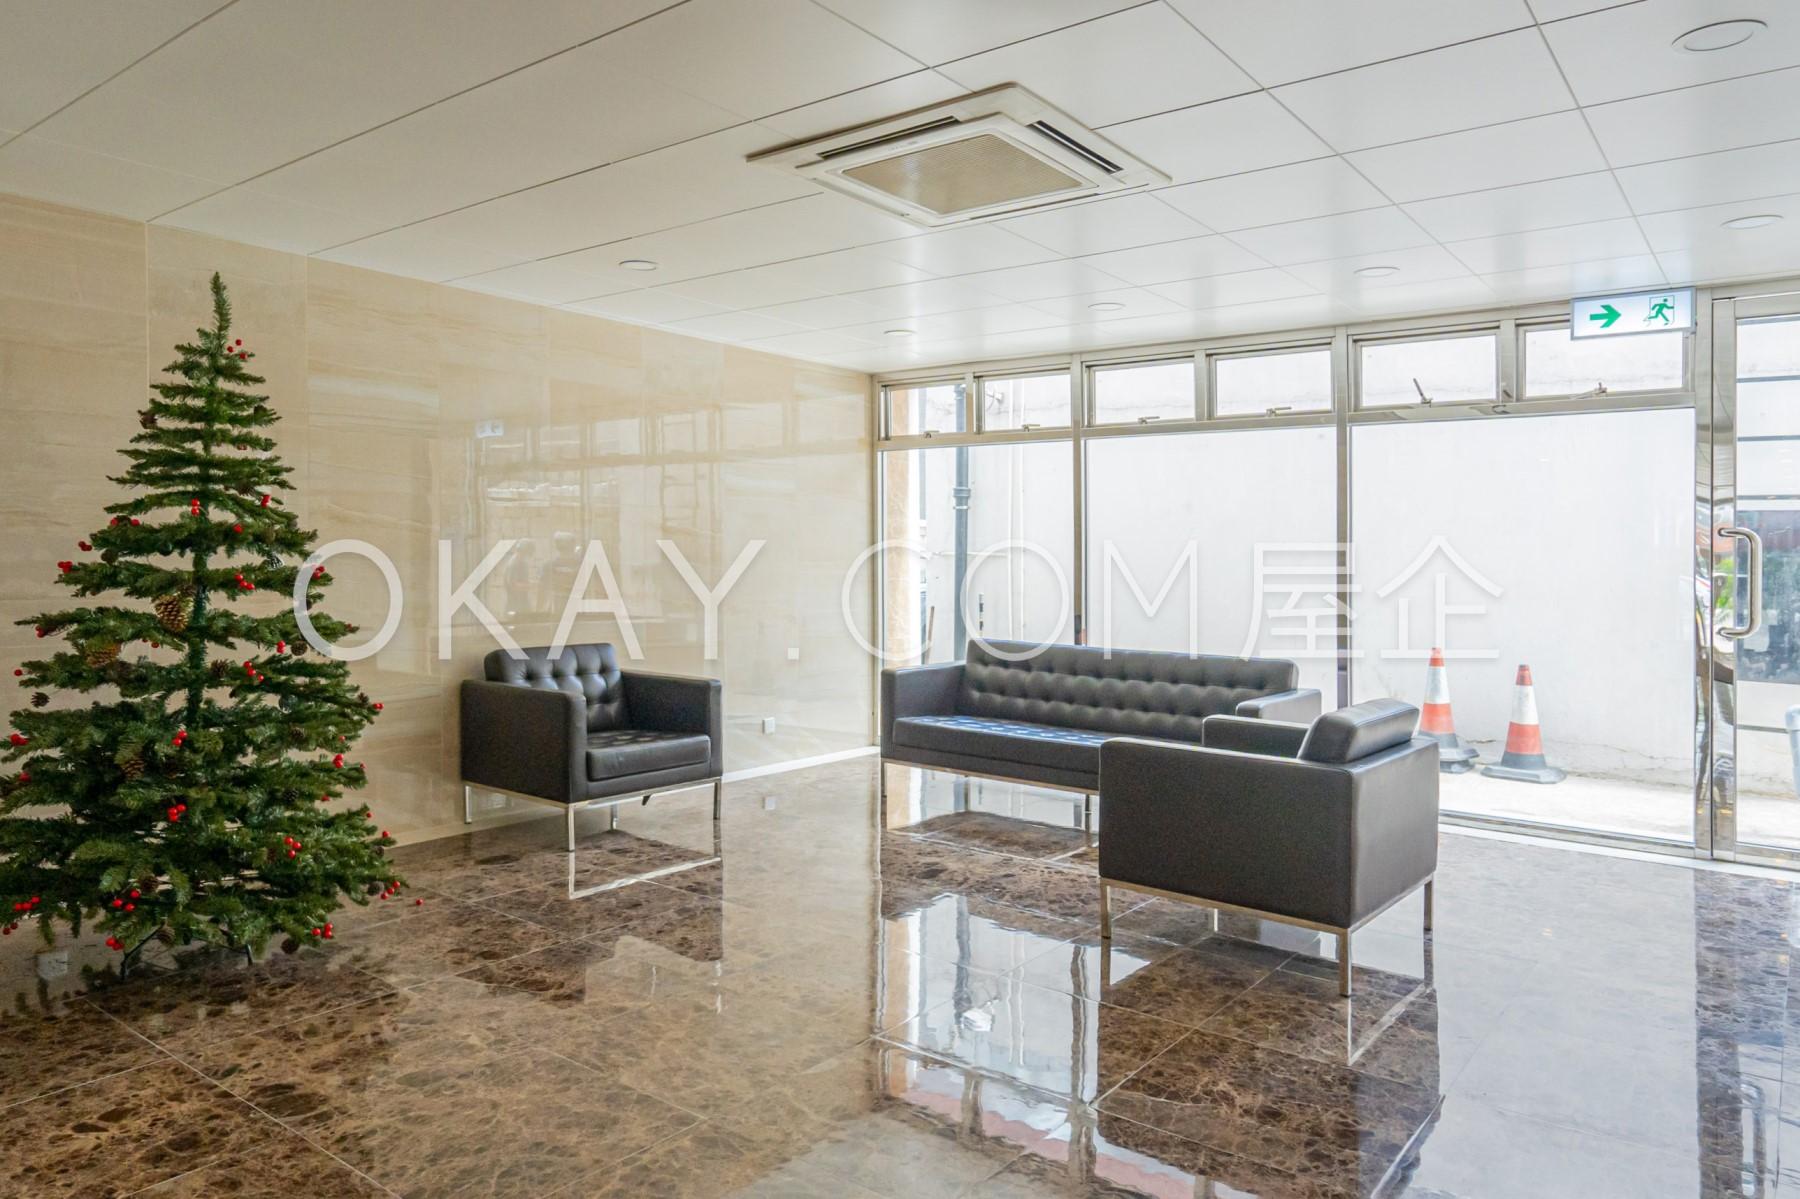 Lobby of Block F